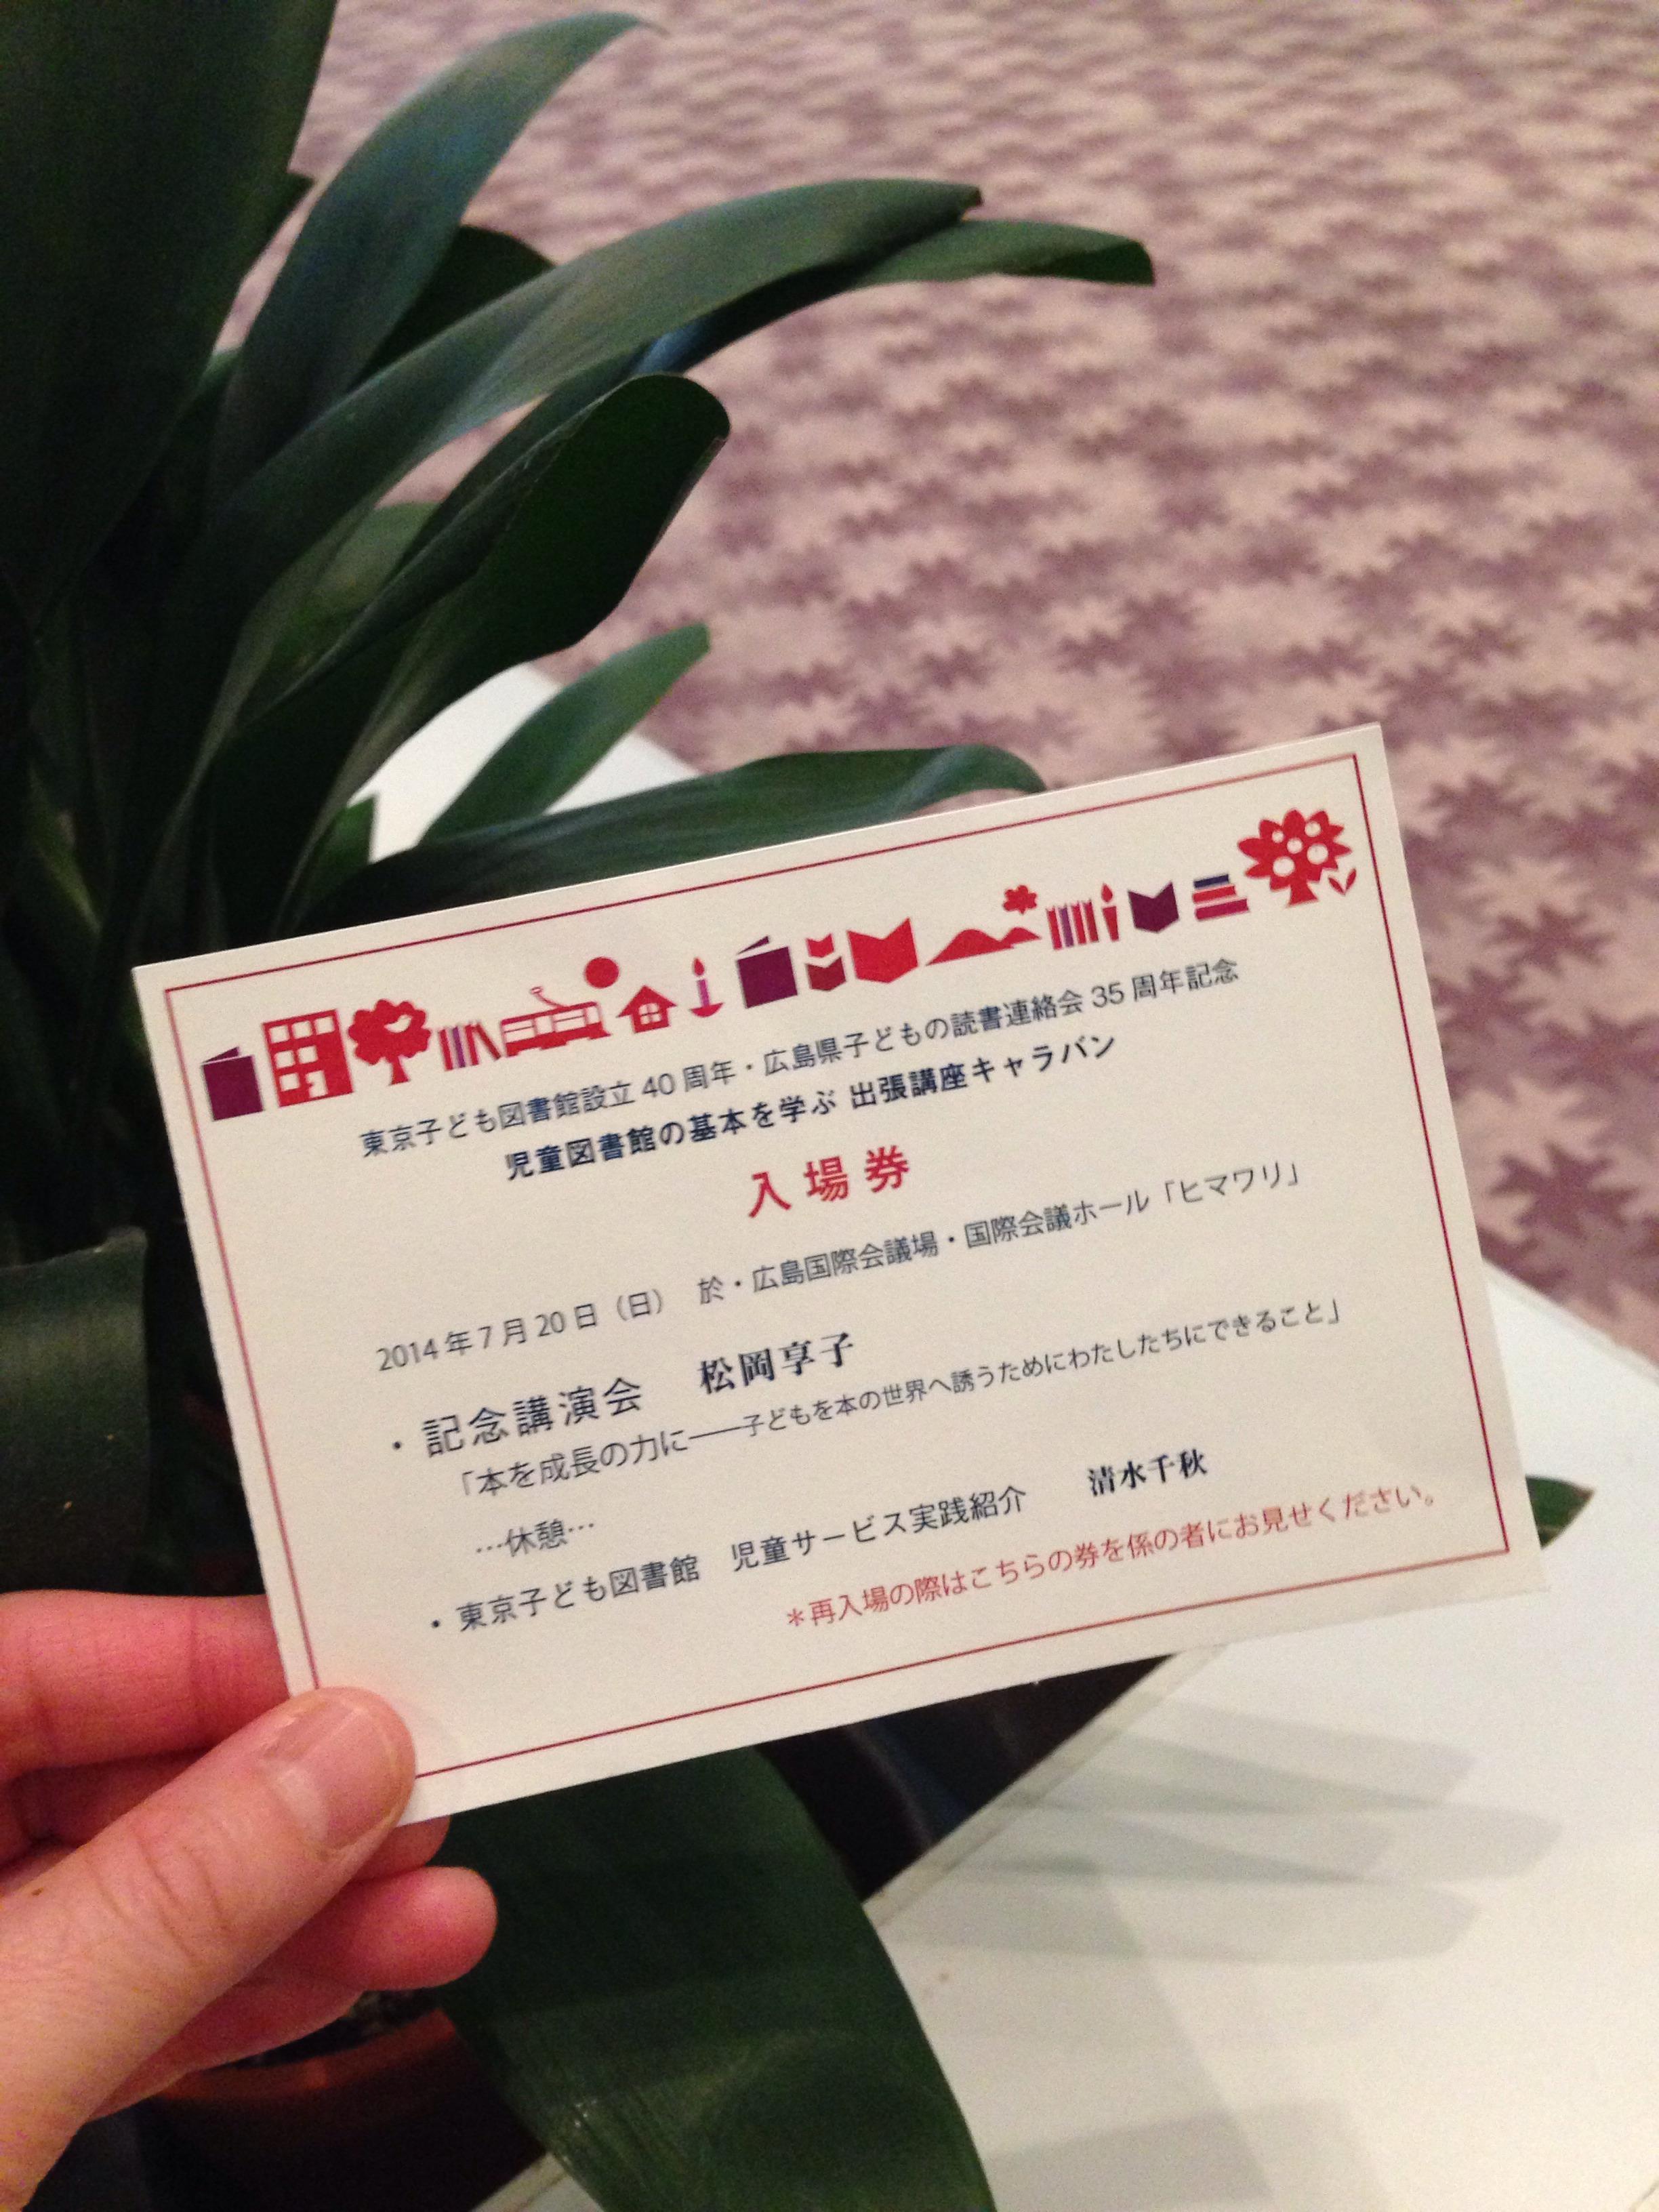 松岡享子さんの講演会が中止に・・・ - MAYU …